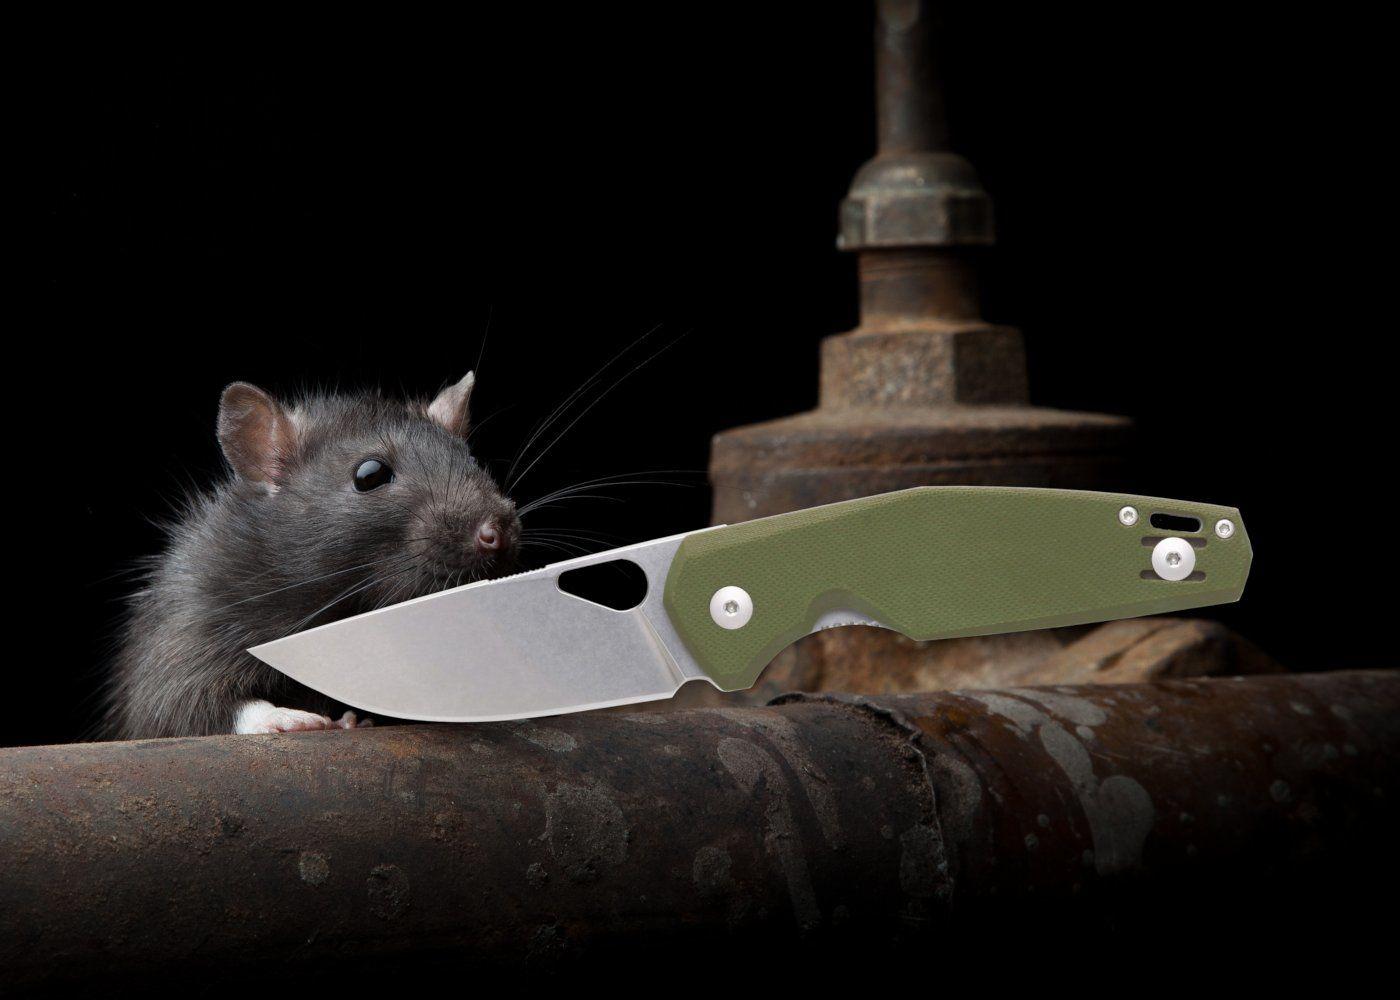 Giant Mouse Firmenportrait und Nimbus V2